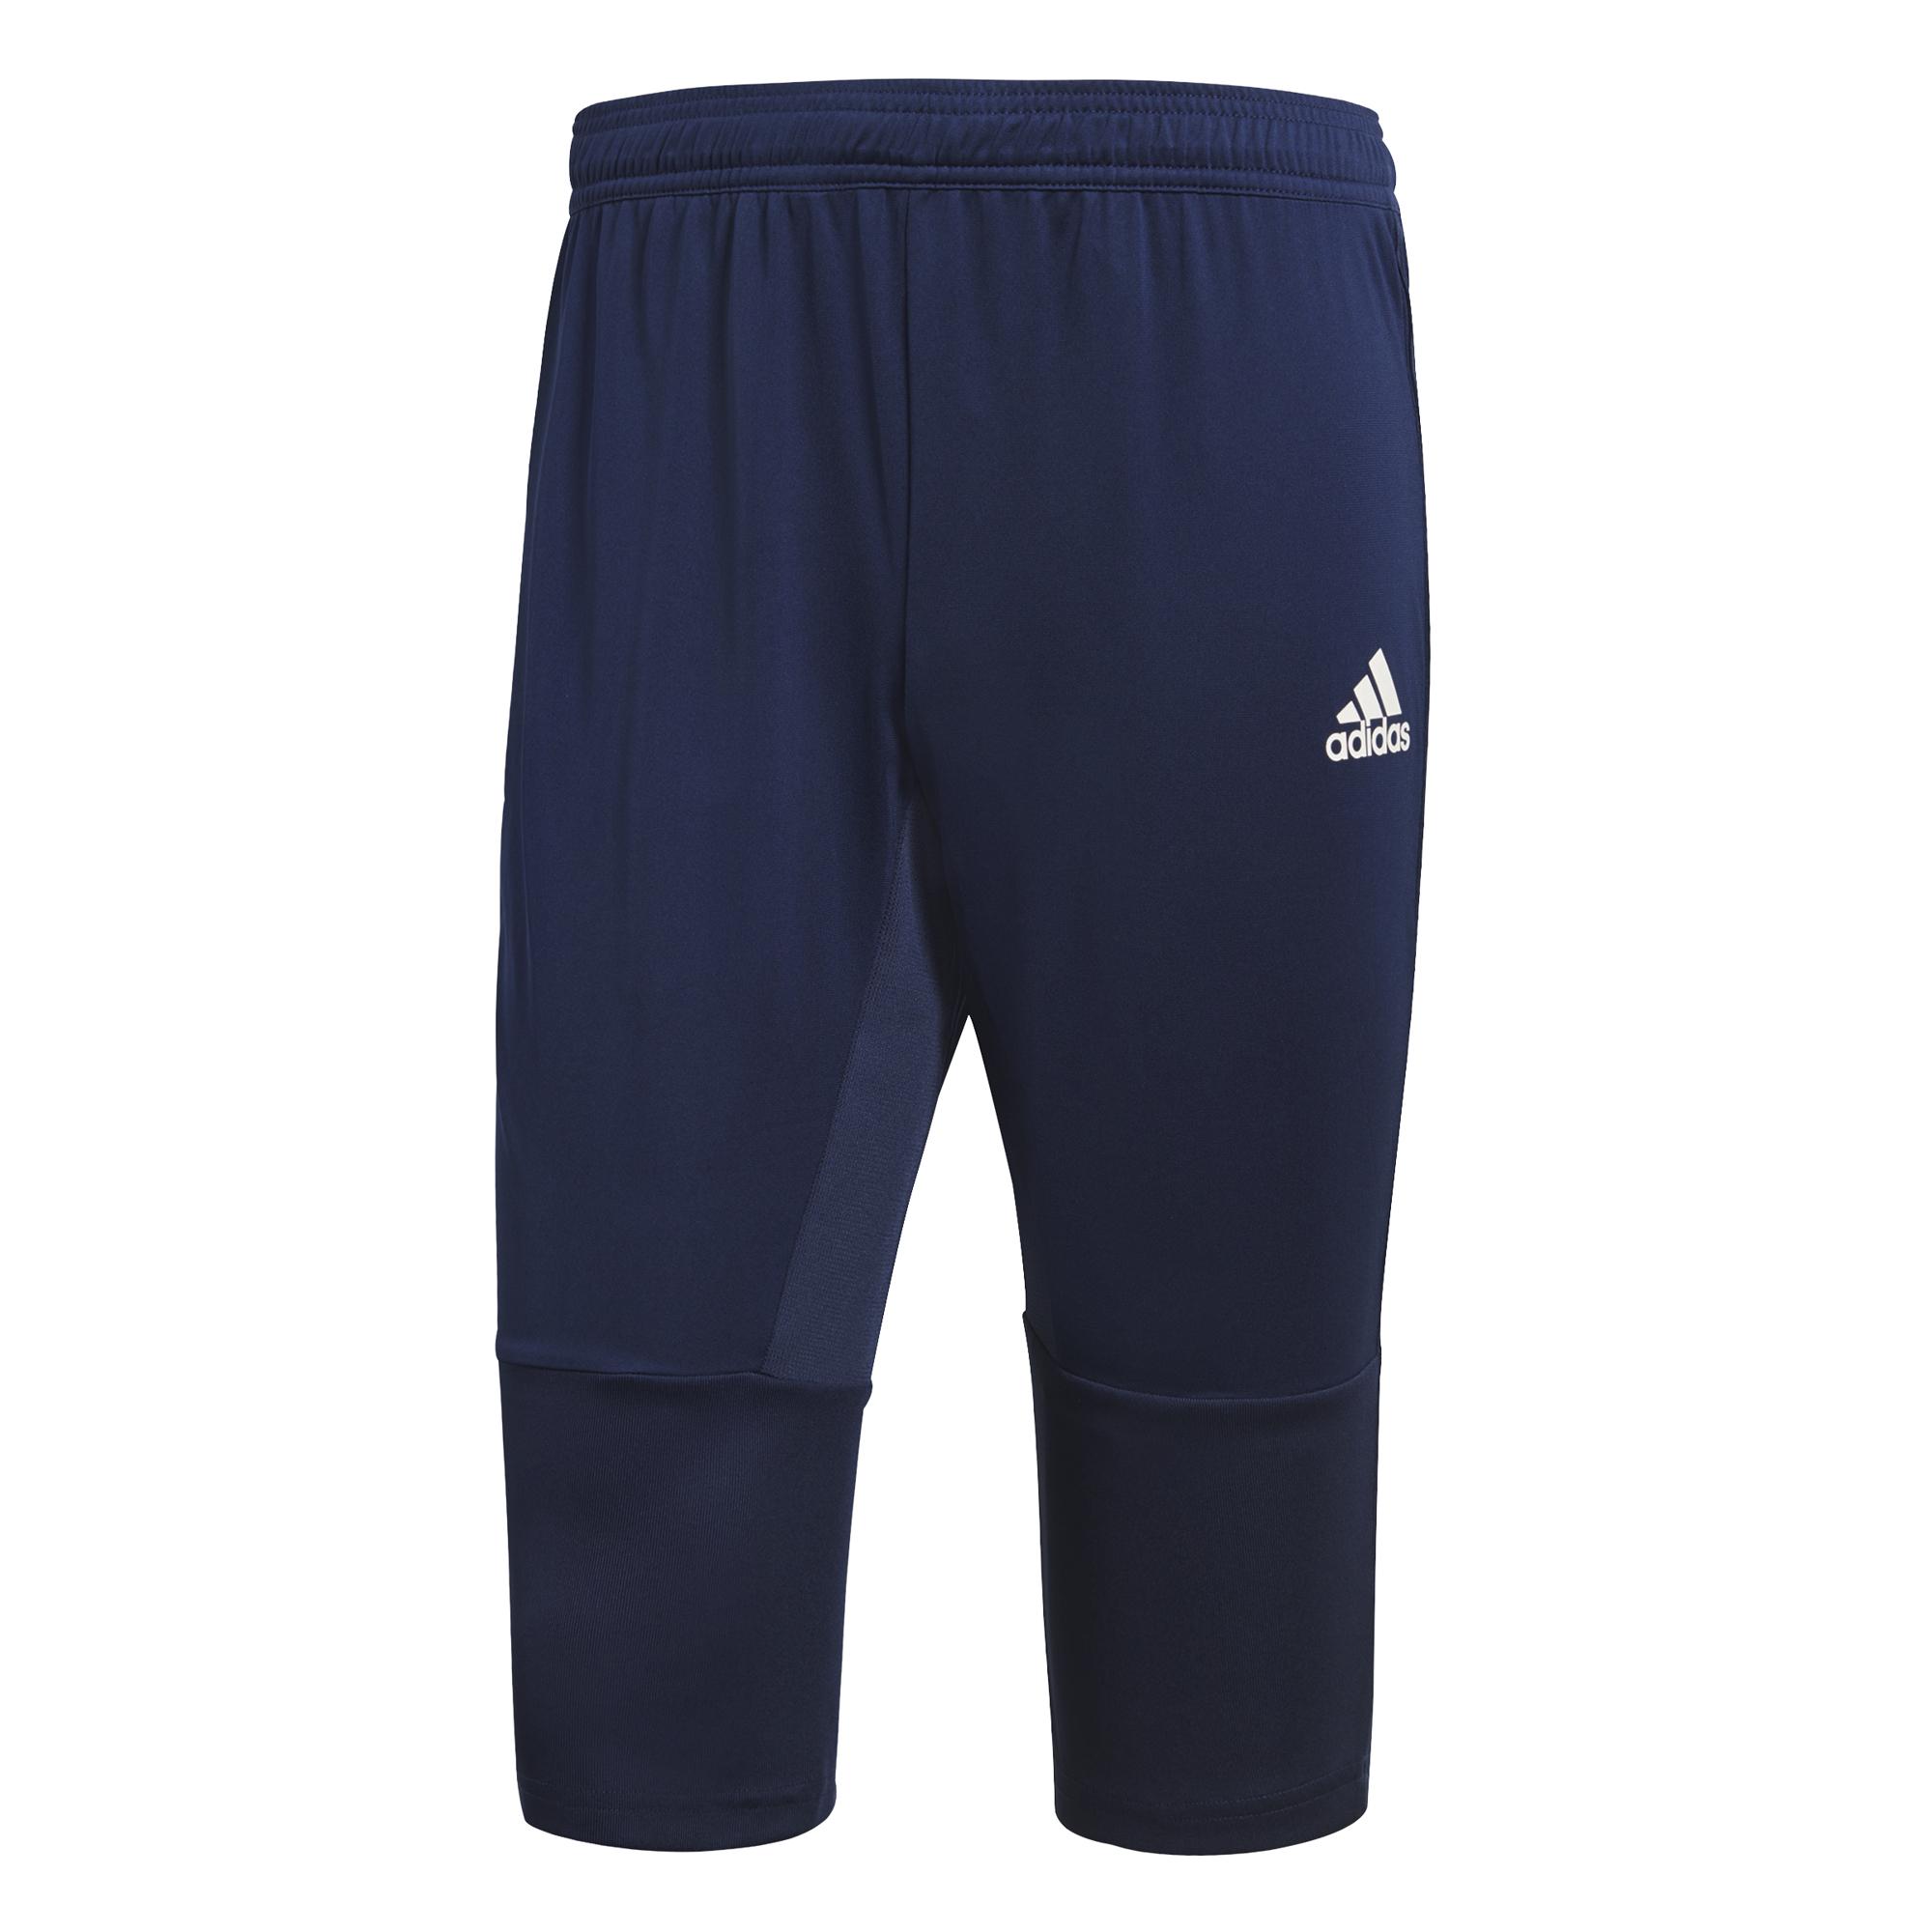 ADIDAS tréninkové 3/4 kalhoty Condivo 18